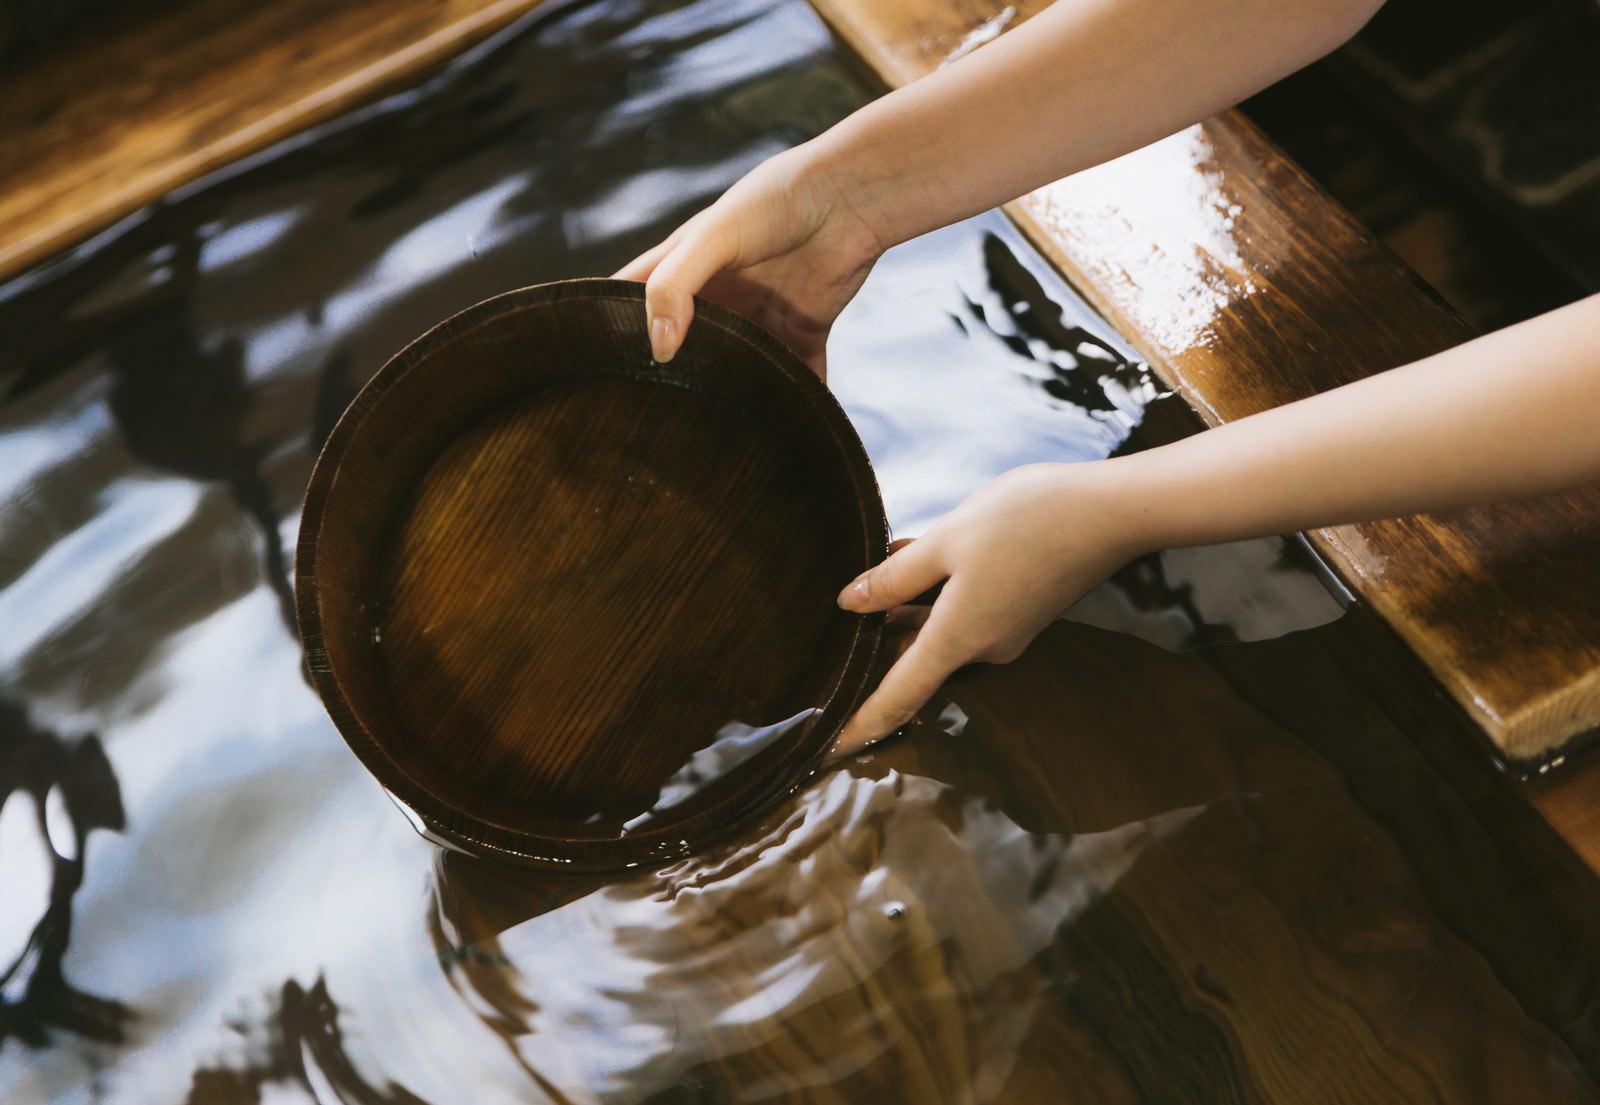 「湯船にかけ湯の桶を入れる」の写真